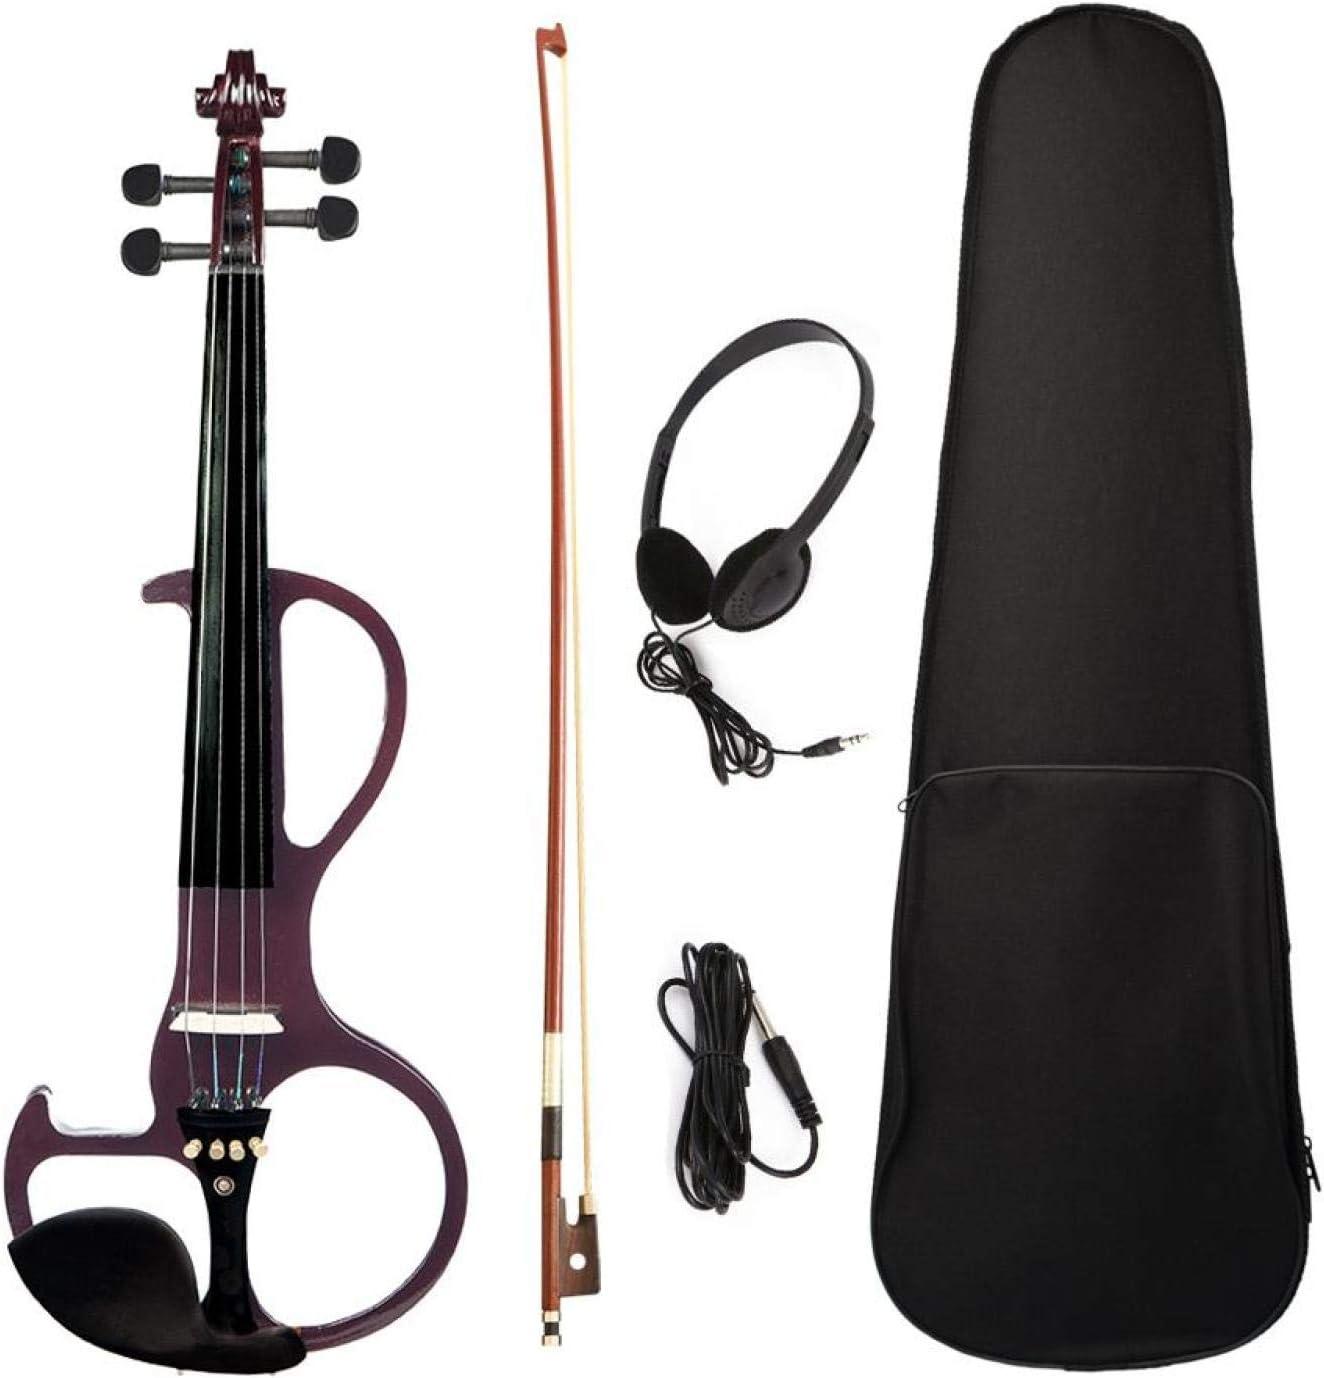 KEPOHK 4/4 violín eléctrico de tamaño completo violín de 4 cuerdas 4/4 instrumentos musicales con estuche, auriculares de audio, arco negro